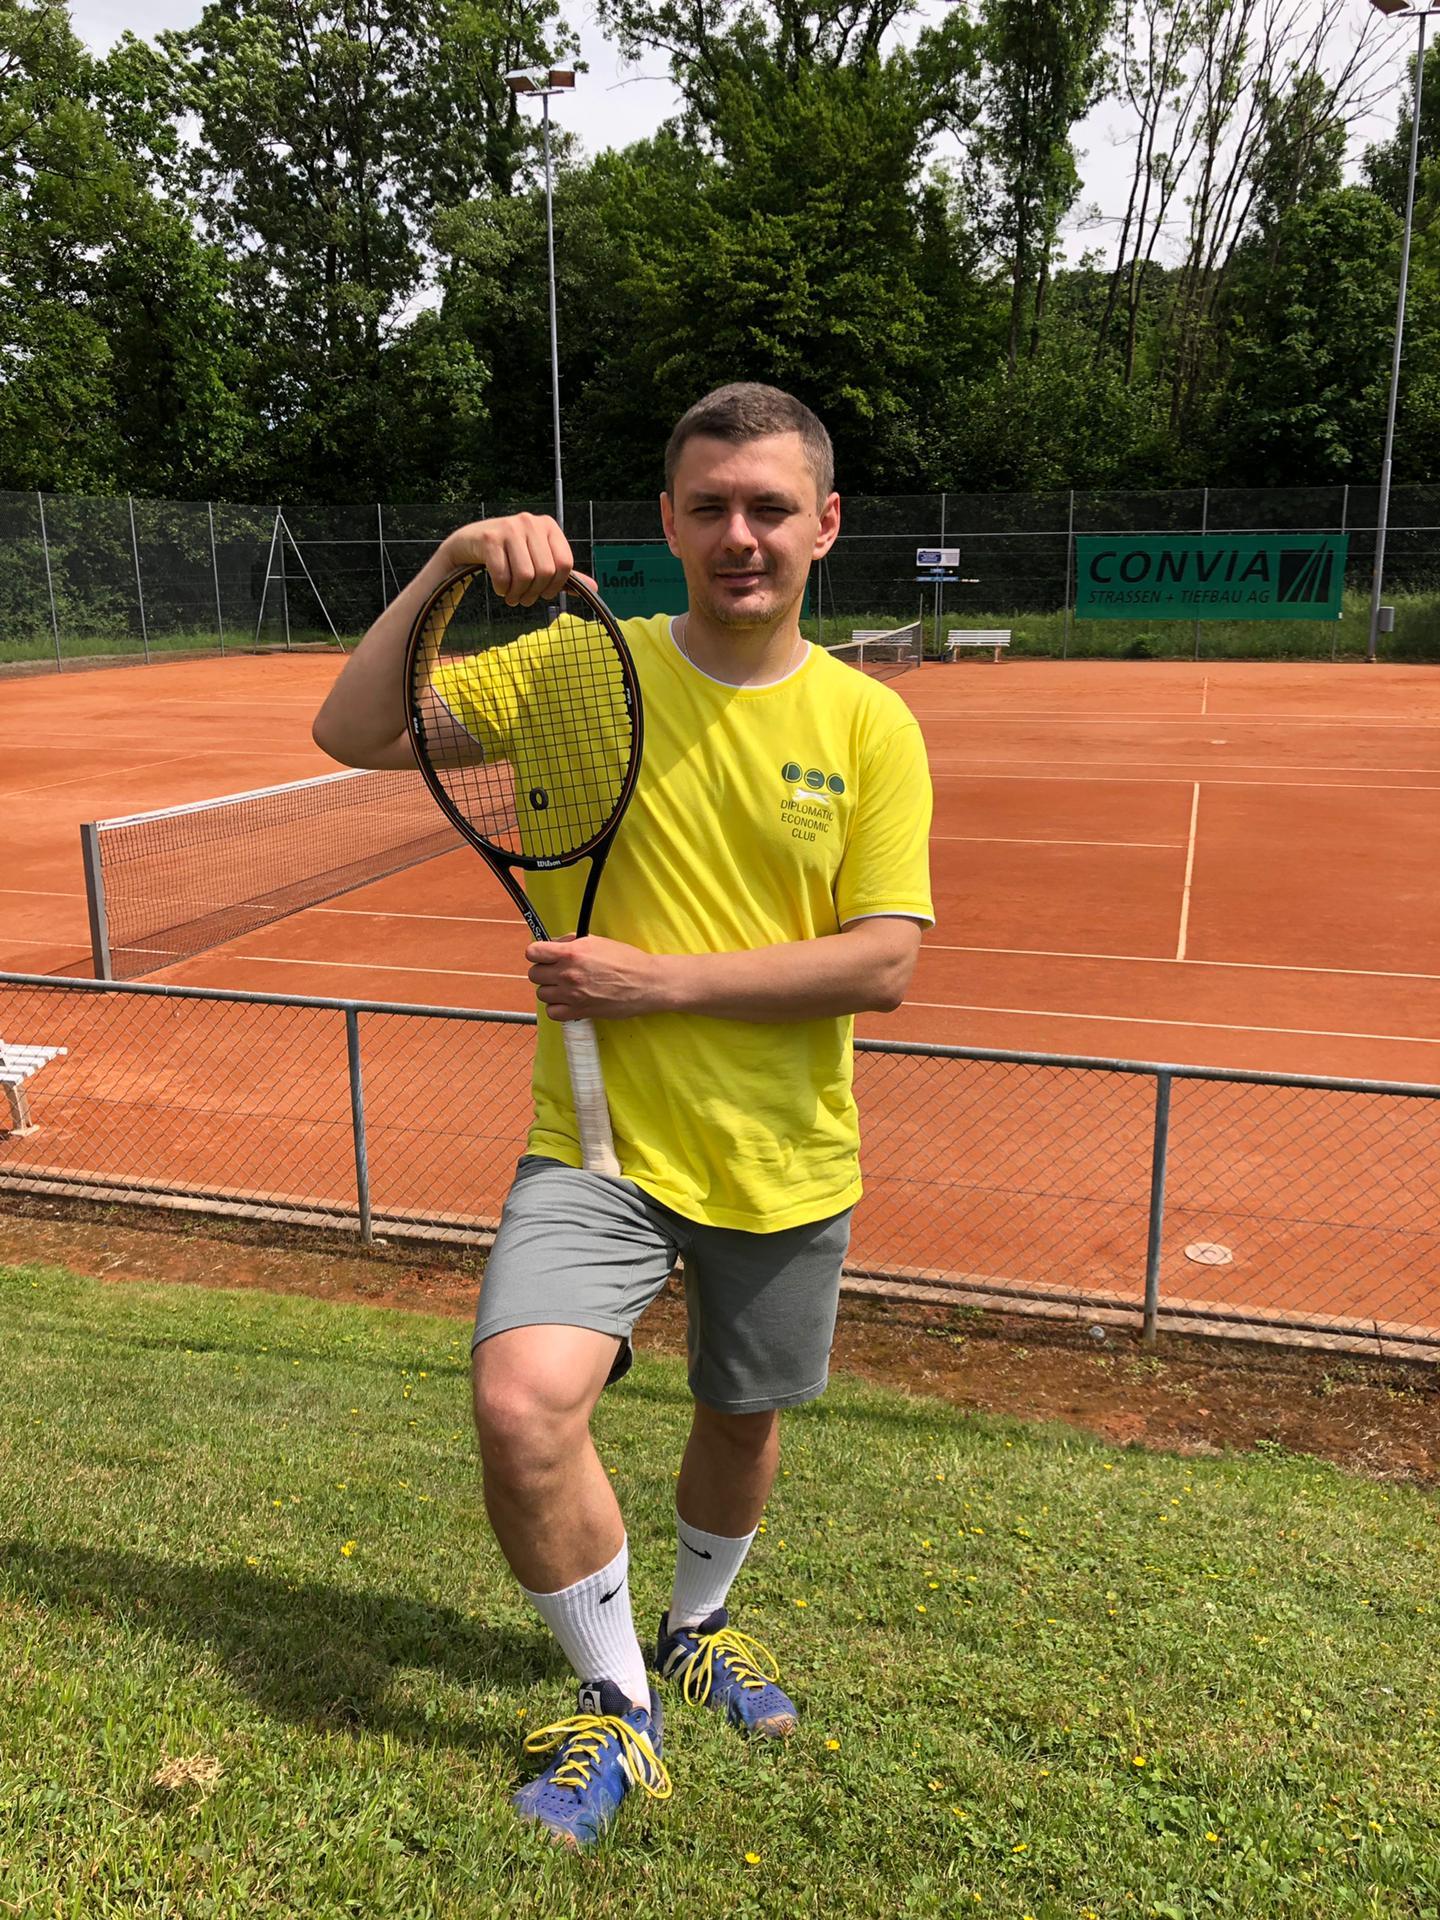 Vitaly Butenko, tennis championship in Zurich